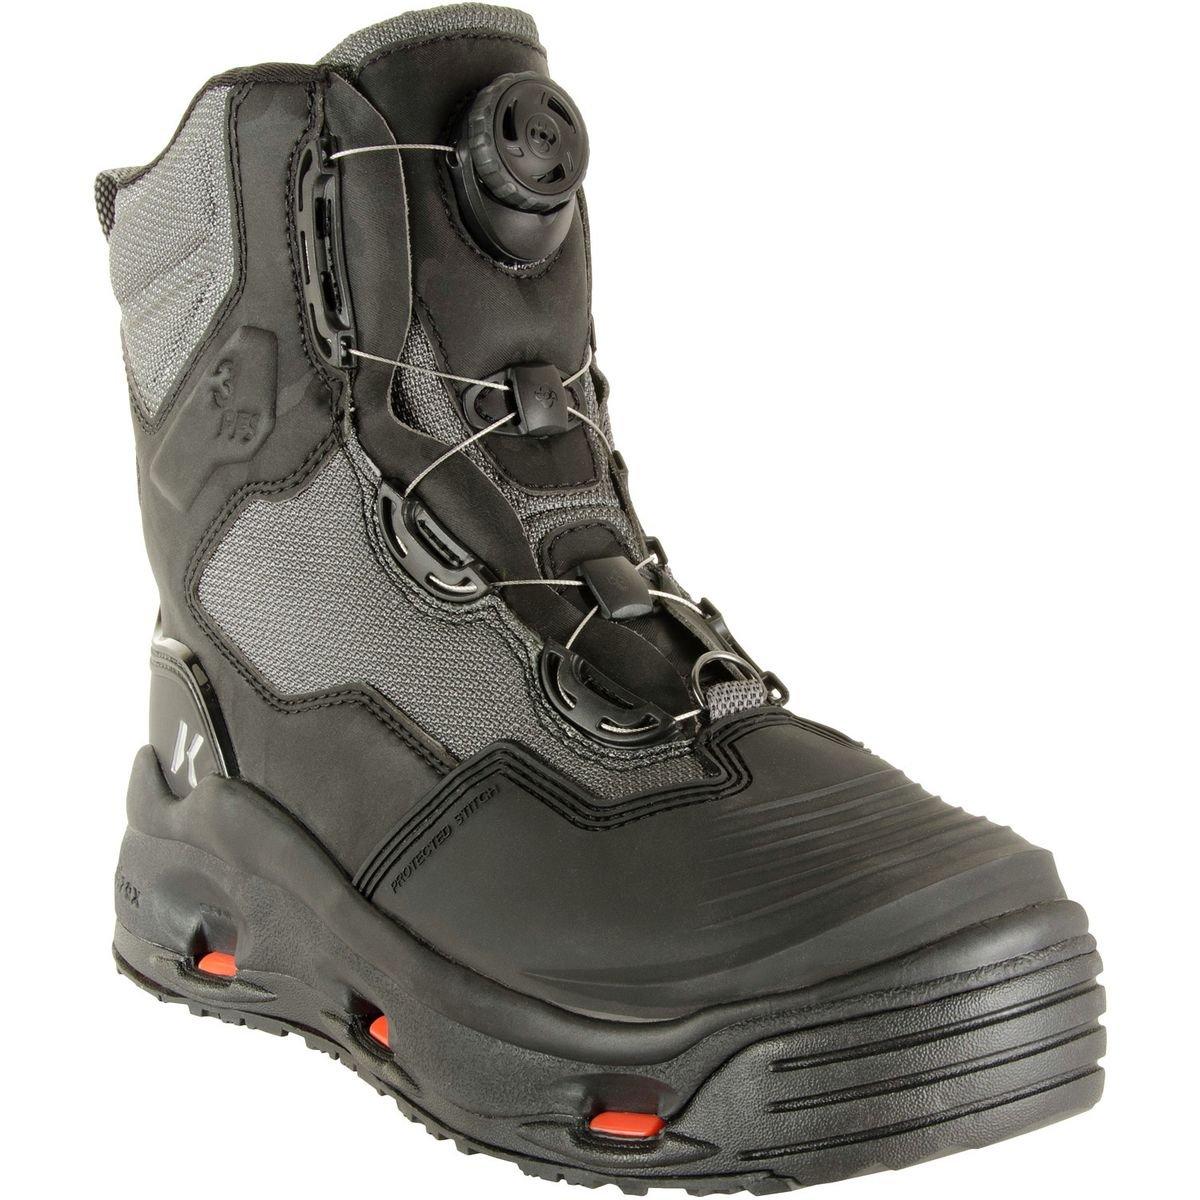 全国宅配無料 Korkers DarkHorse 8 釣り用ブーツ フェルトソールとKling-Onソール付き 8 Korkers グレー/ブルー 釣り用ブーツ B01MU192MT, たかはしきもの工房:d1f1a73e --- a0267596.xsph.ru